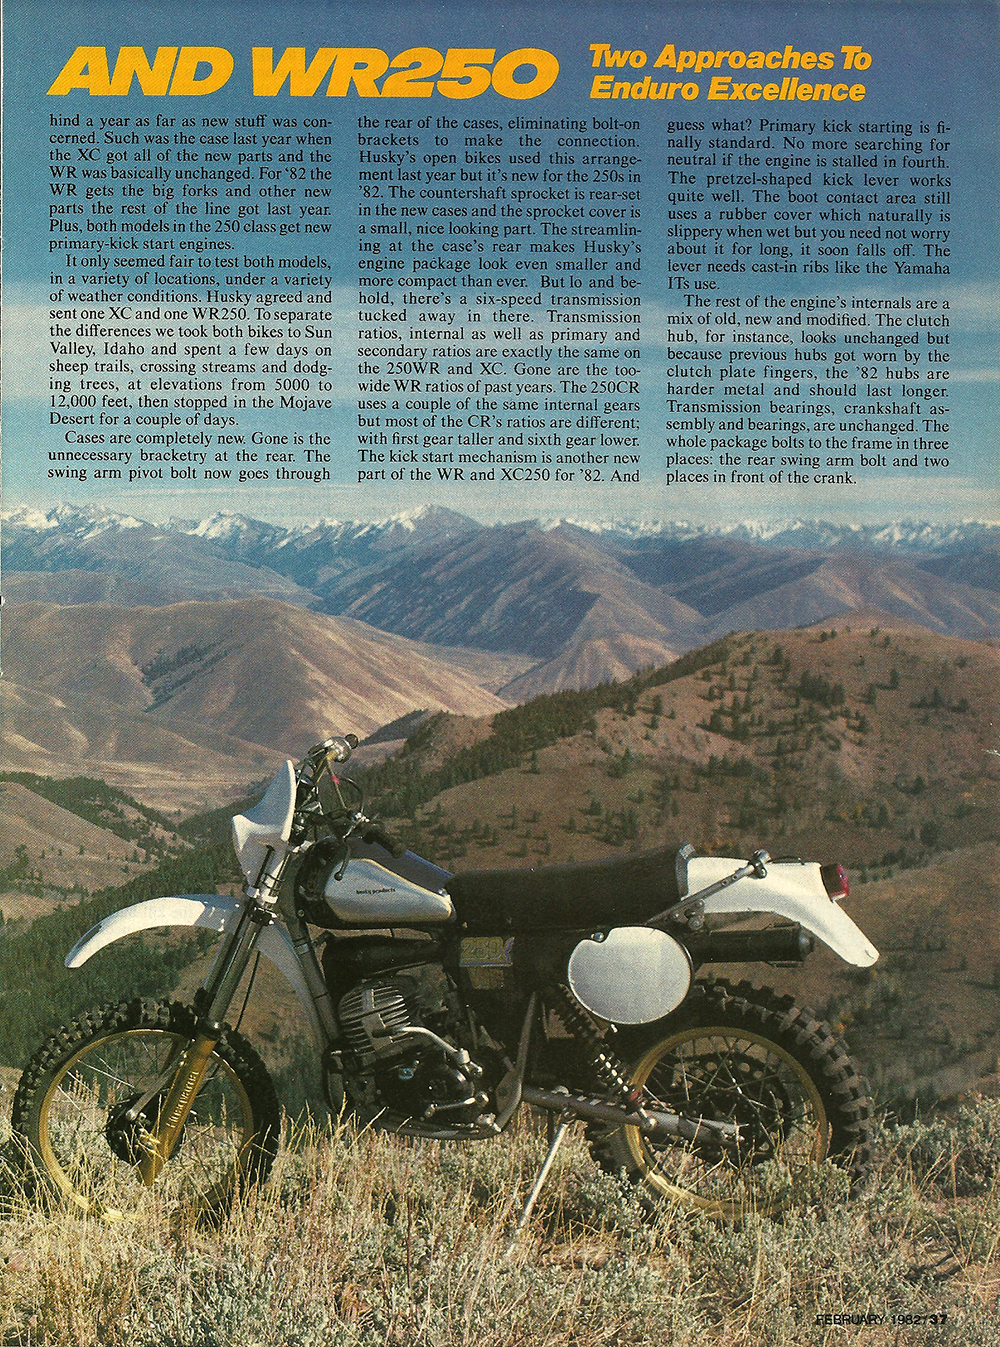 1982 Husqvarna XC250 WR250 road test 2.jpg